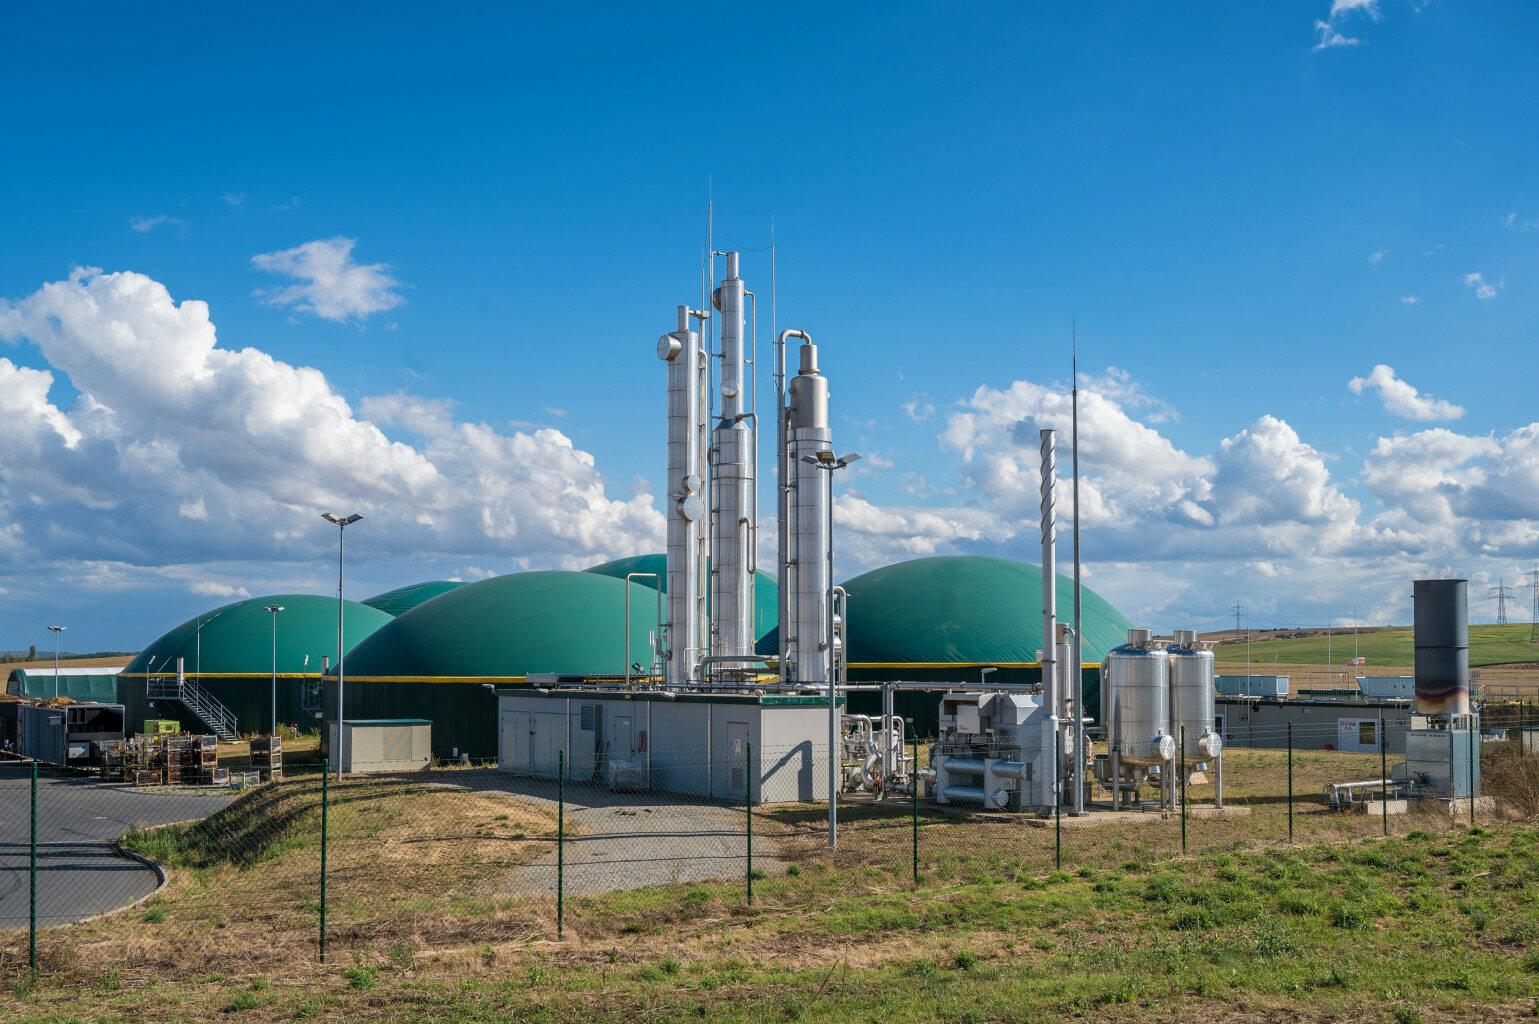 PGNiG chce wykorzystać potencjał drzemiący w biometanie, zapraszając do współpracy m.in. przedsiębiorców rolnych.